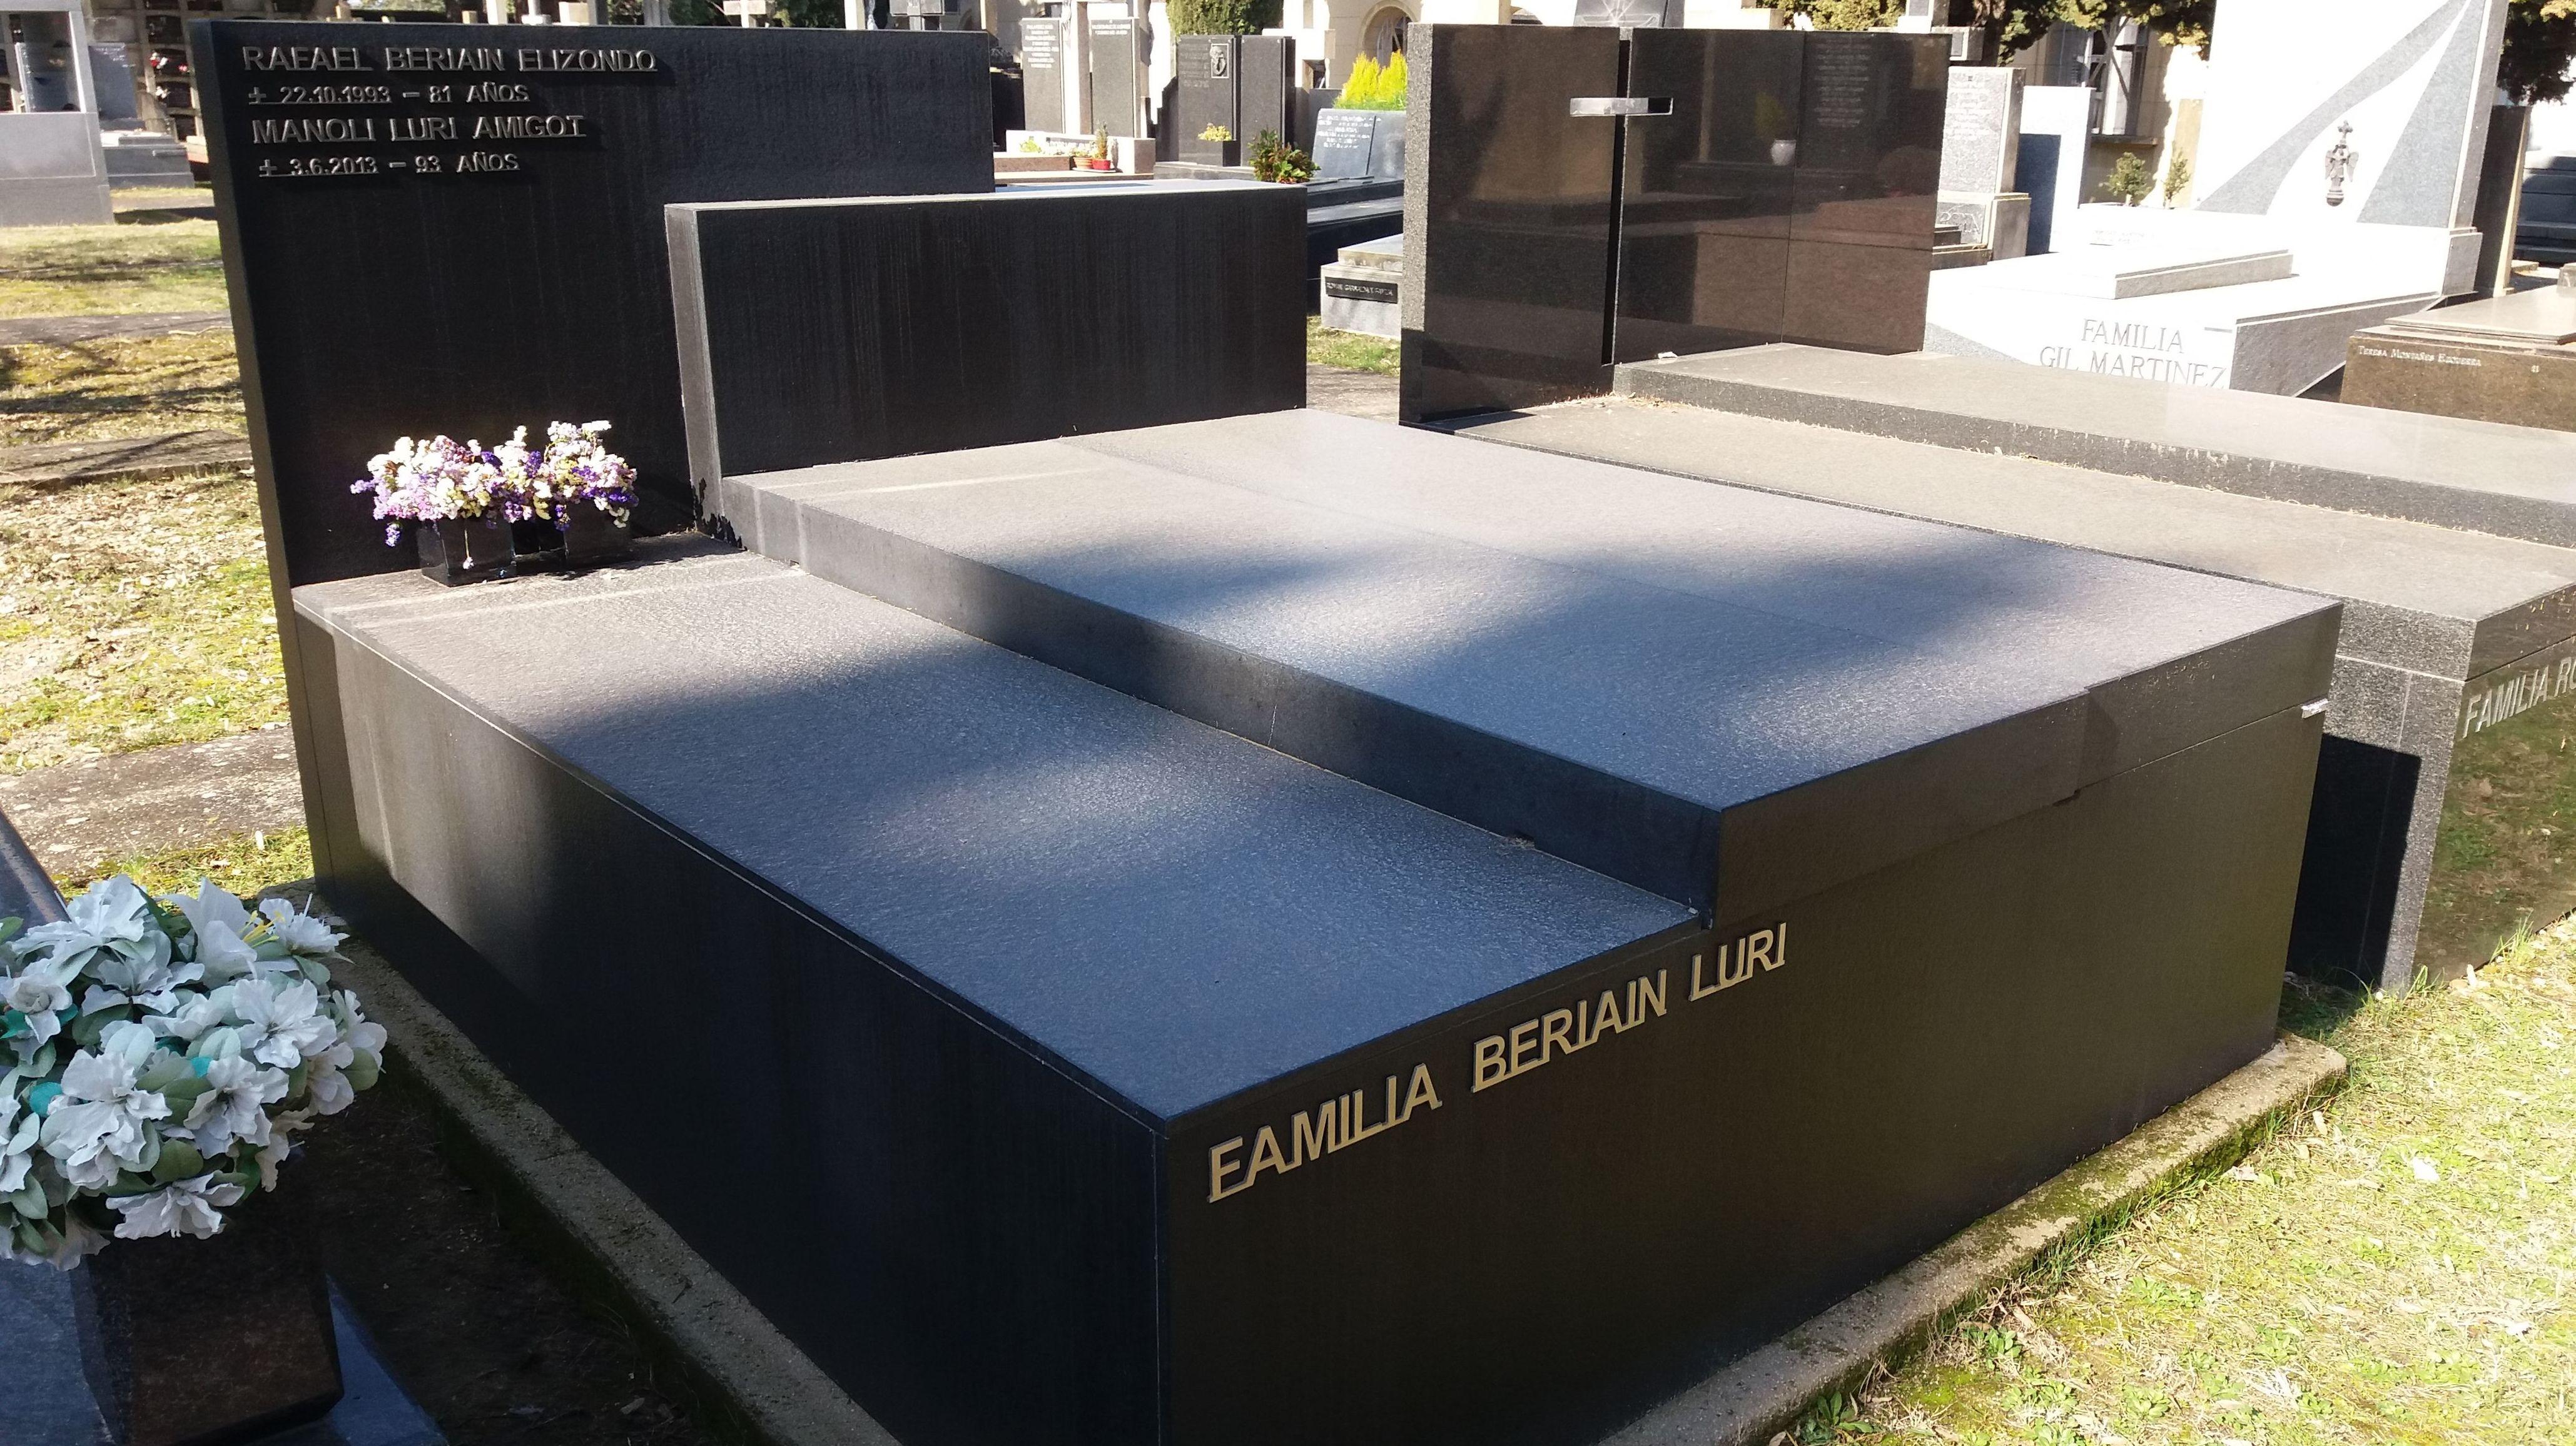 Panteón granito negro anticato: Productos y servicios   de TIRAPU Y ZOROQUIAIN